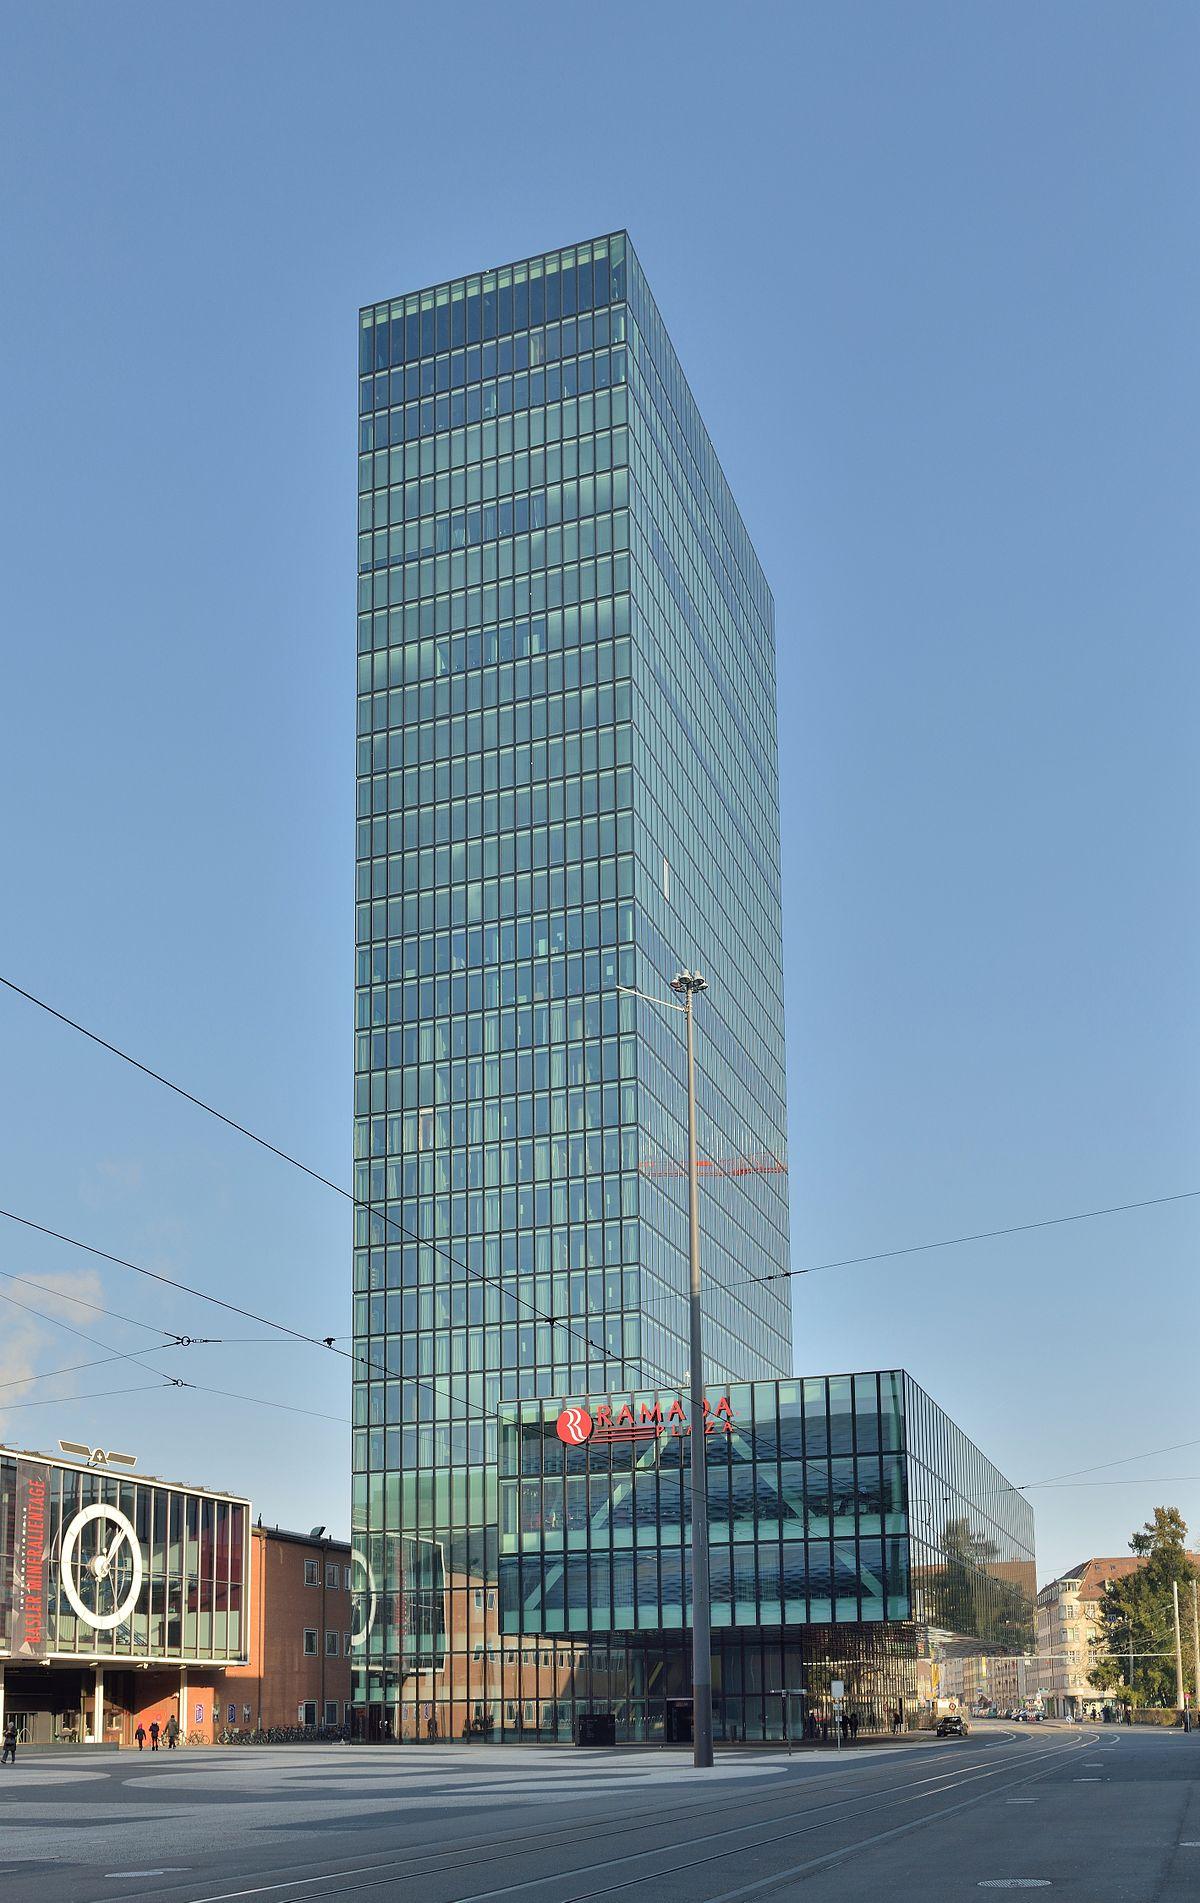 Frankfurt Hotel Mit Parkplatz F Ef Bf Bdr   Tonner